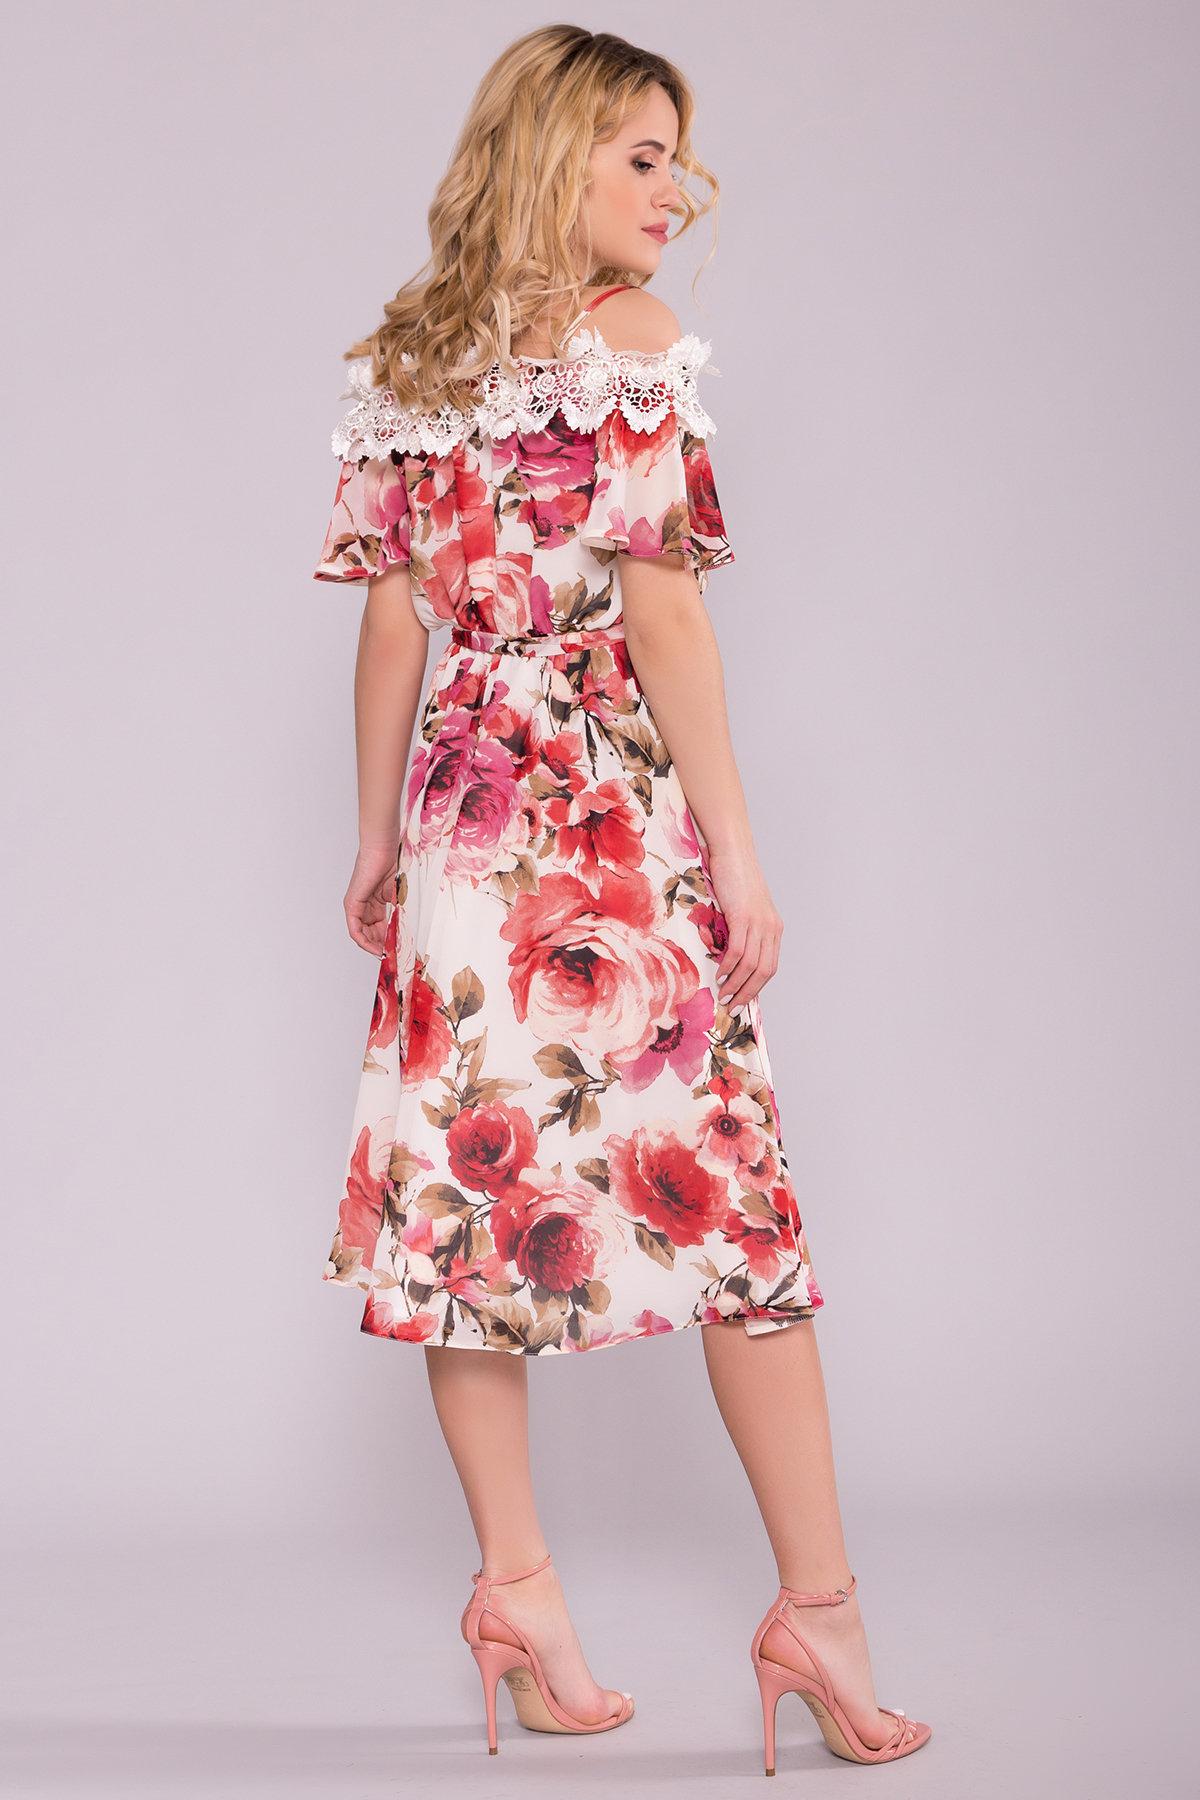 Платье Маргарет 6924 АРТ. 42293 Цвет: Розы молоко/коралл - фото 2, интернет магазин tm-modus.ru